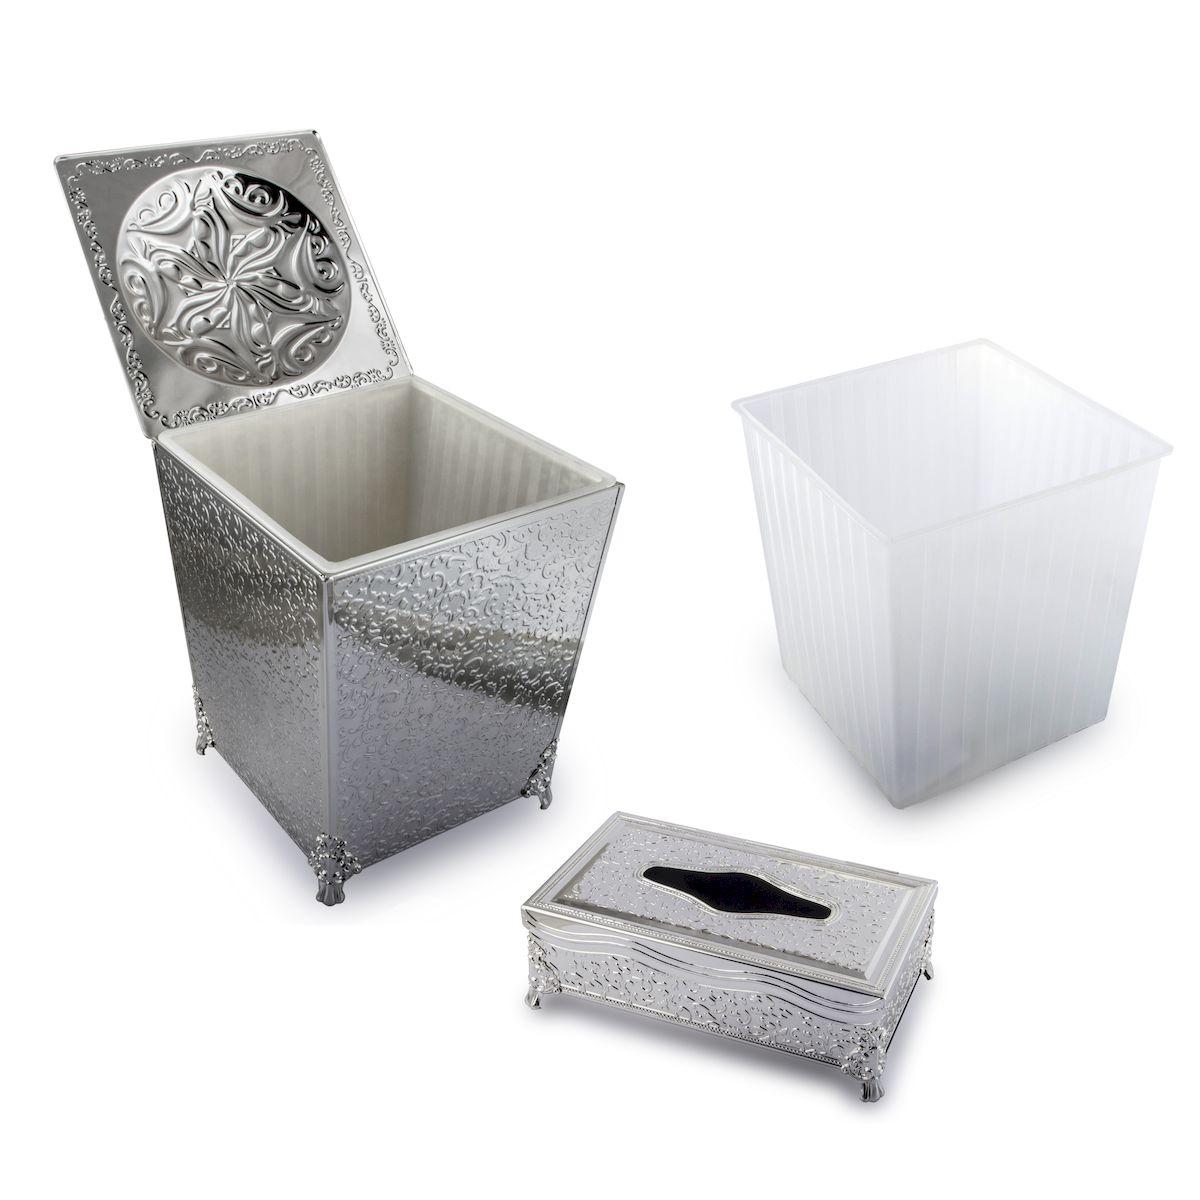 Корзина для мусора и подставка для салфеток Rosenberg. S-229177.858@19113корзина для мусора и подставка для салфеток, размеры: корзина 22.5 х 22.5 х 31 см подставка 15 х 27 х 9 см